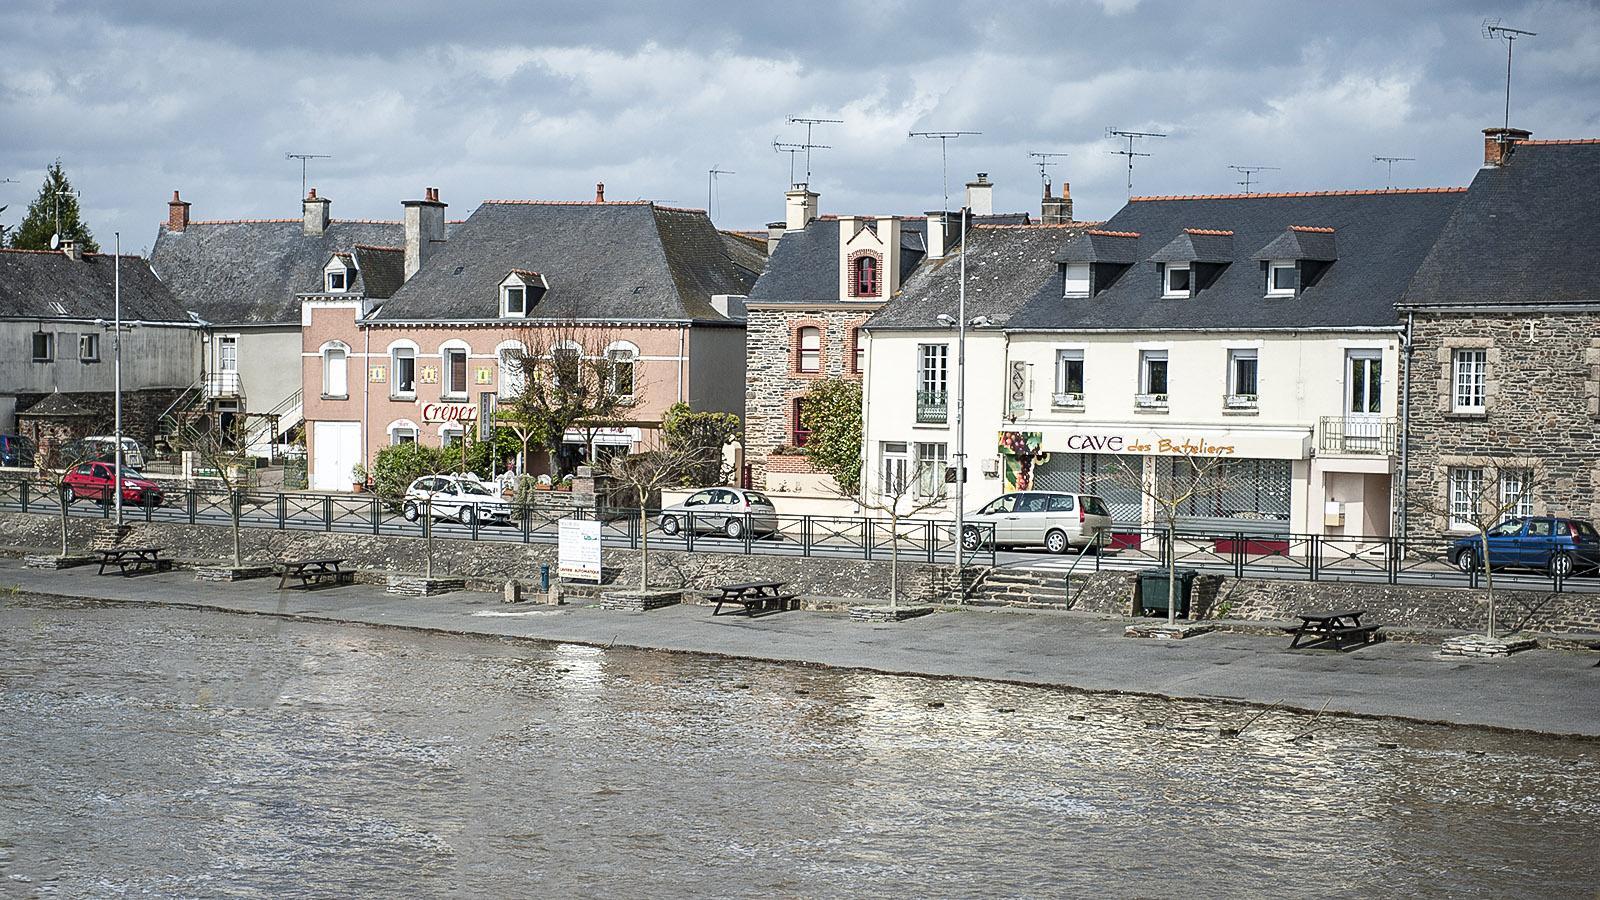 Überflutet: das Ufer der Vilaine bei Messac. Foto: Hilke Maunder